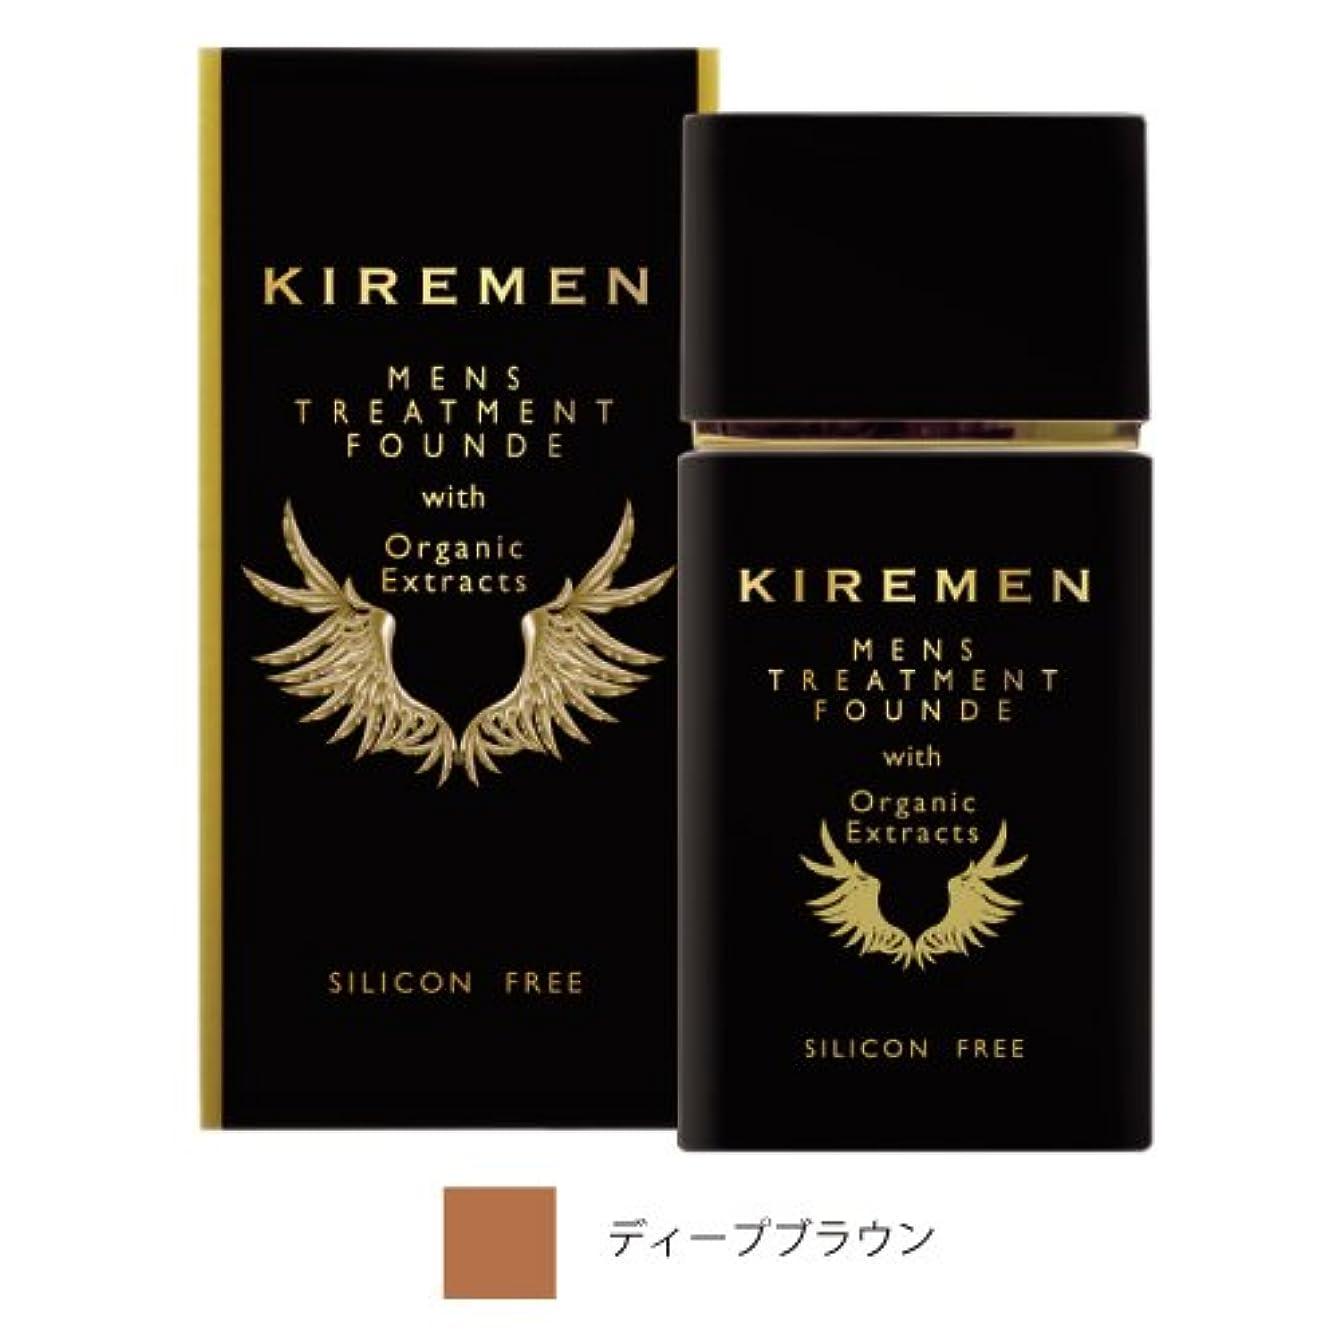 キレメン KIREMEN メンズファンデーション (ディープブラウン)